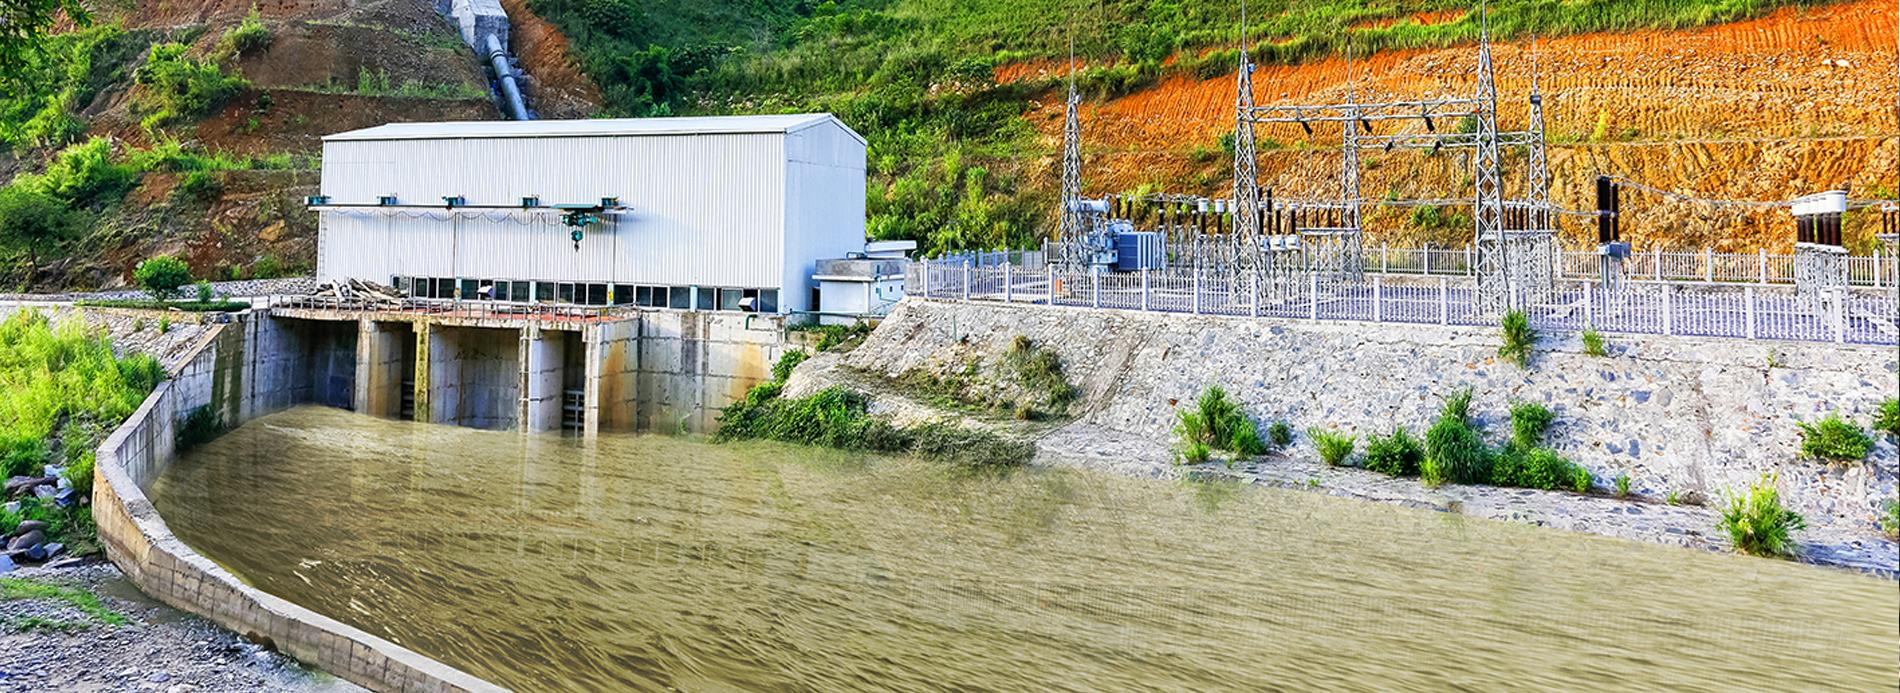 Nhà máy Thủy điện Háng Đồng A